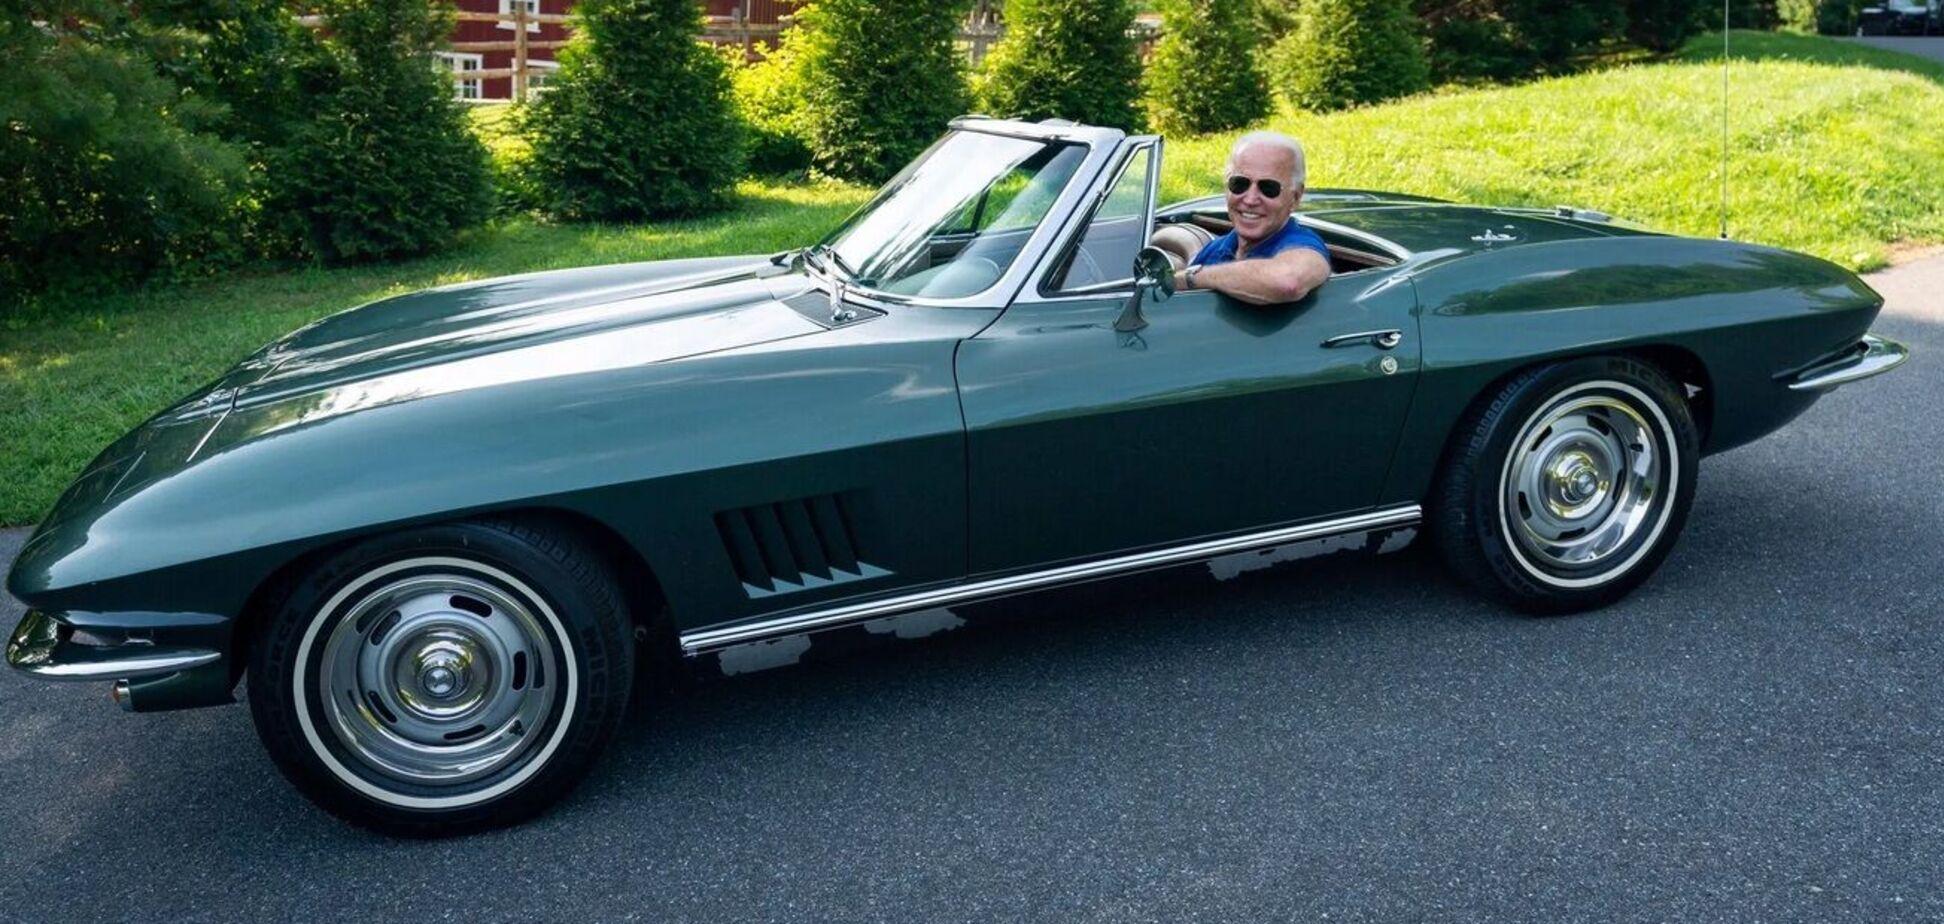 Гараж Джо Байдена: какие авто предпочитает новый президент США